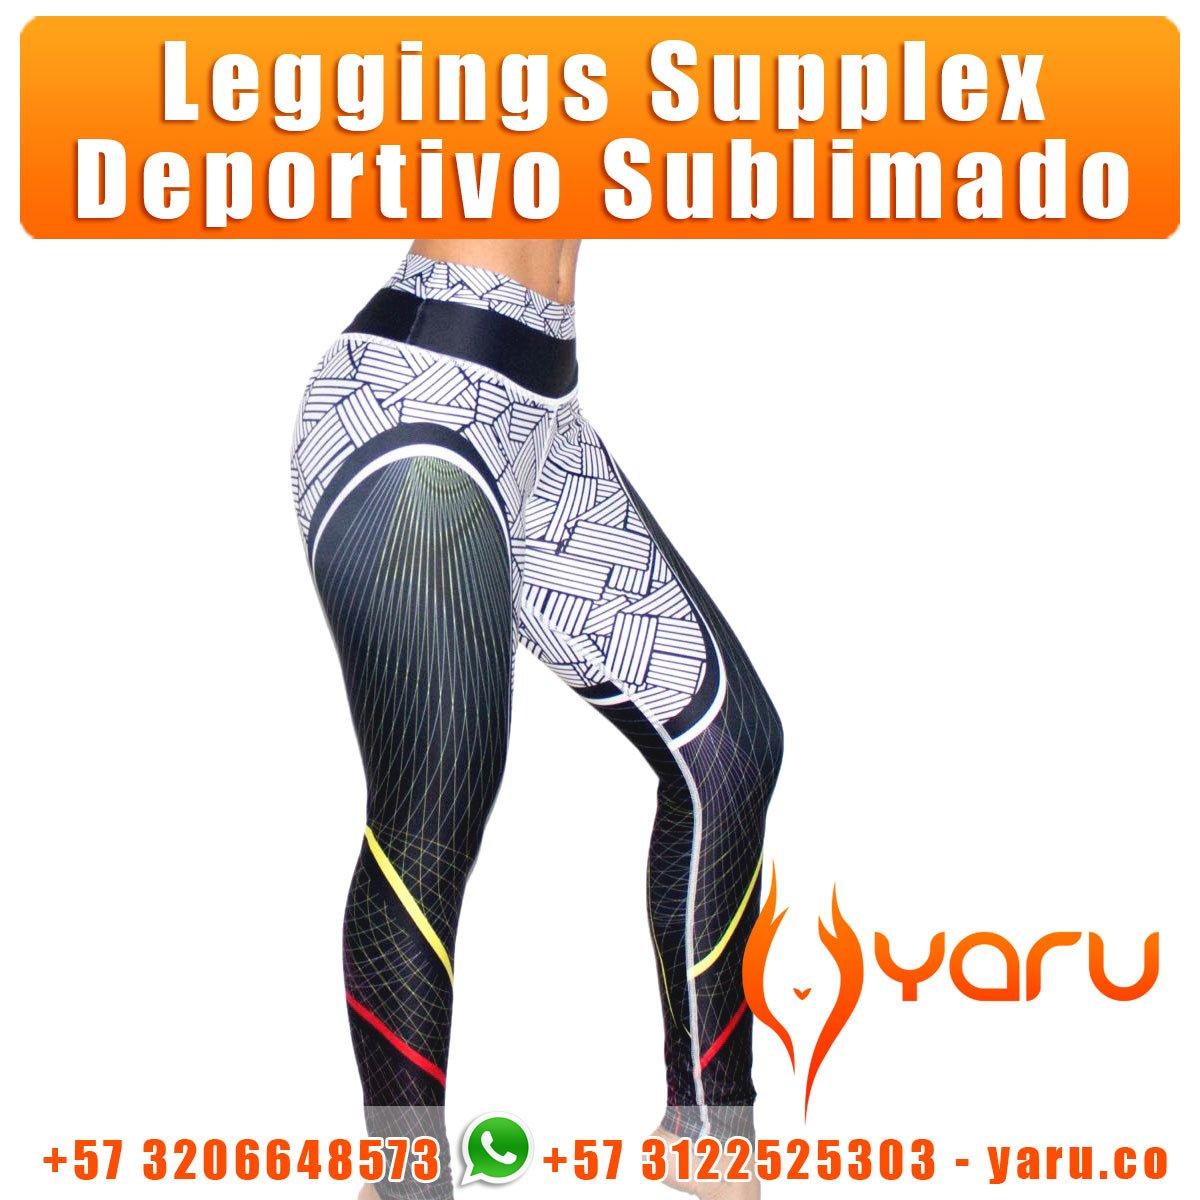 7a21ec60ab8 Ventas TV Productos and Yaru Fajas Colombia